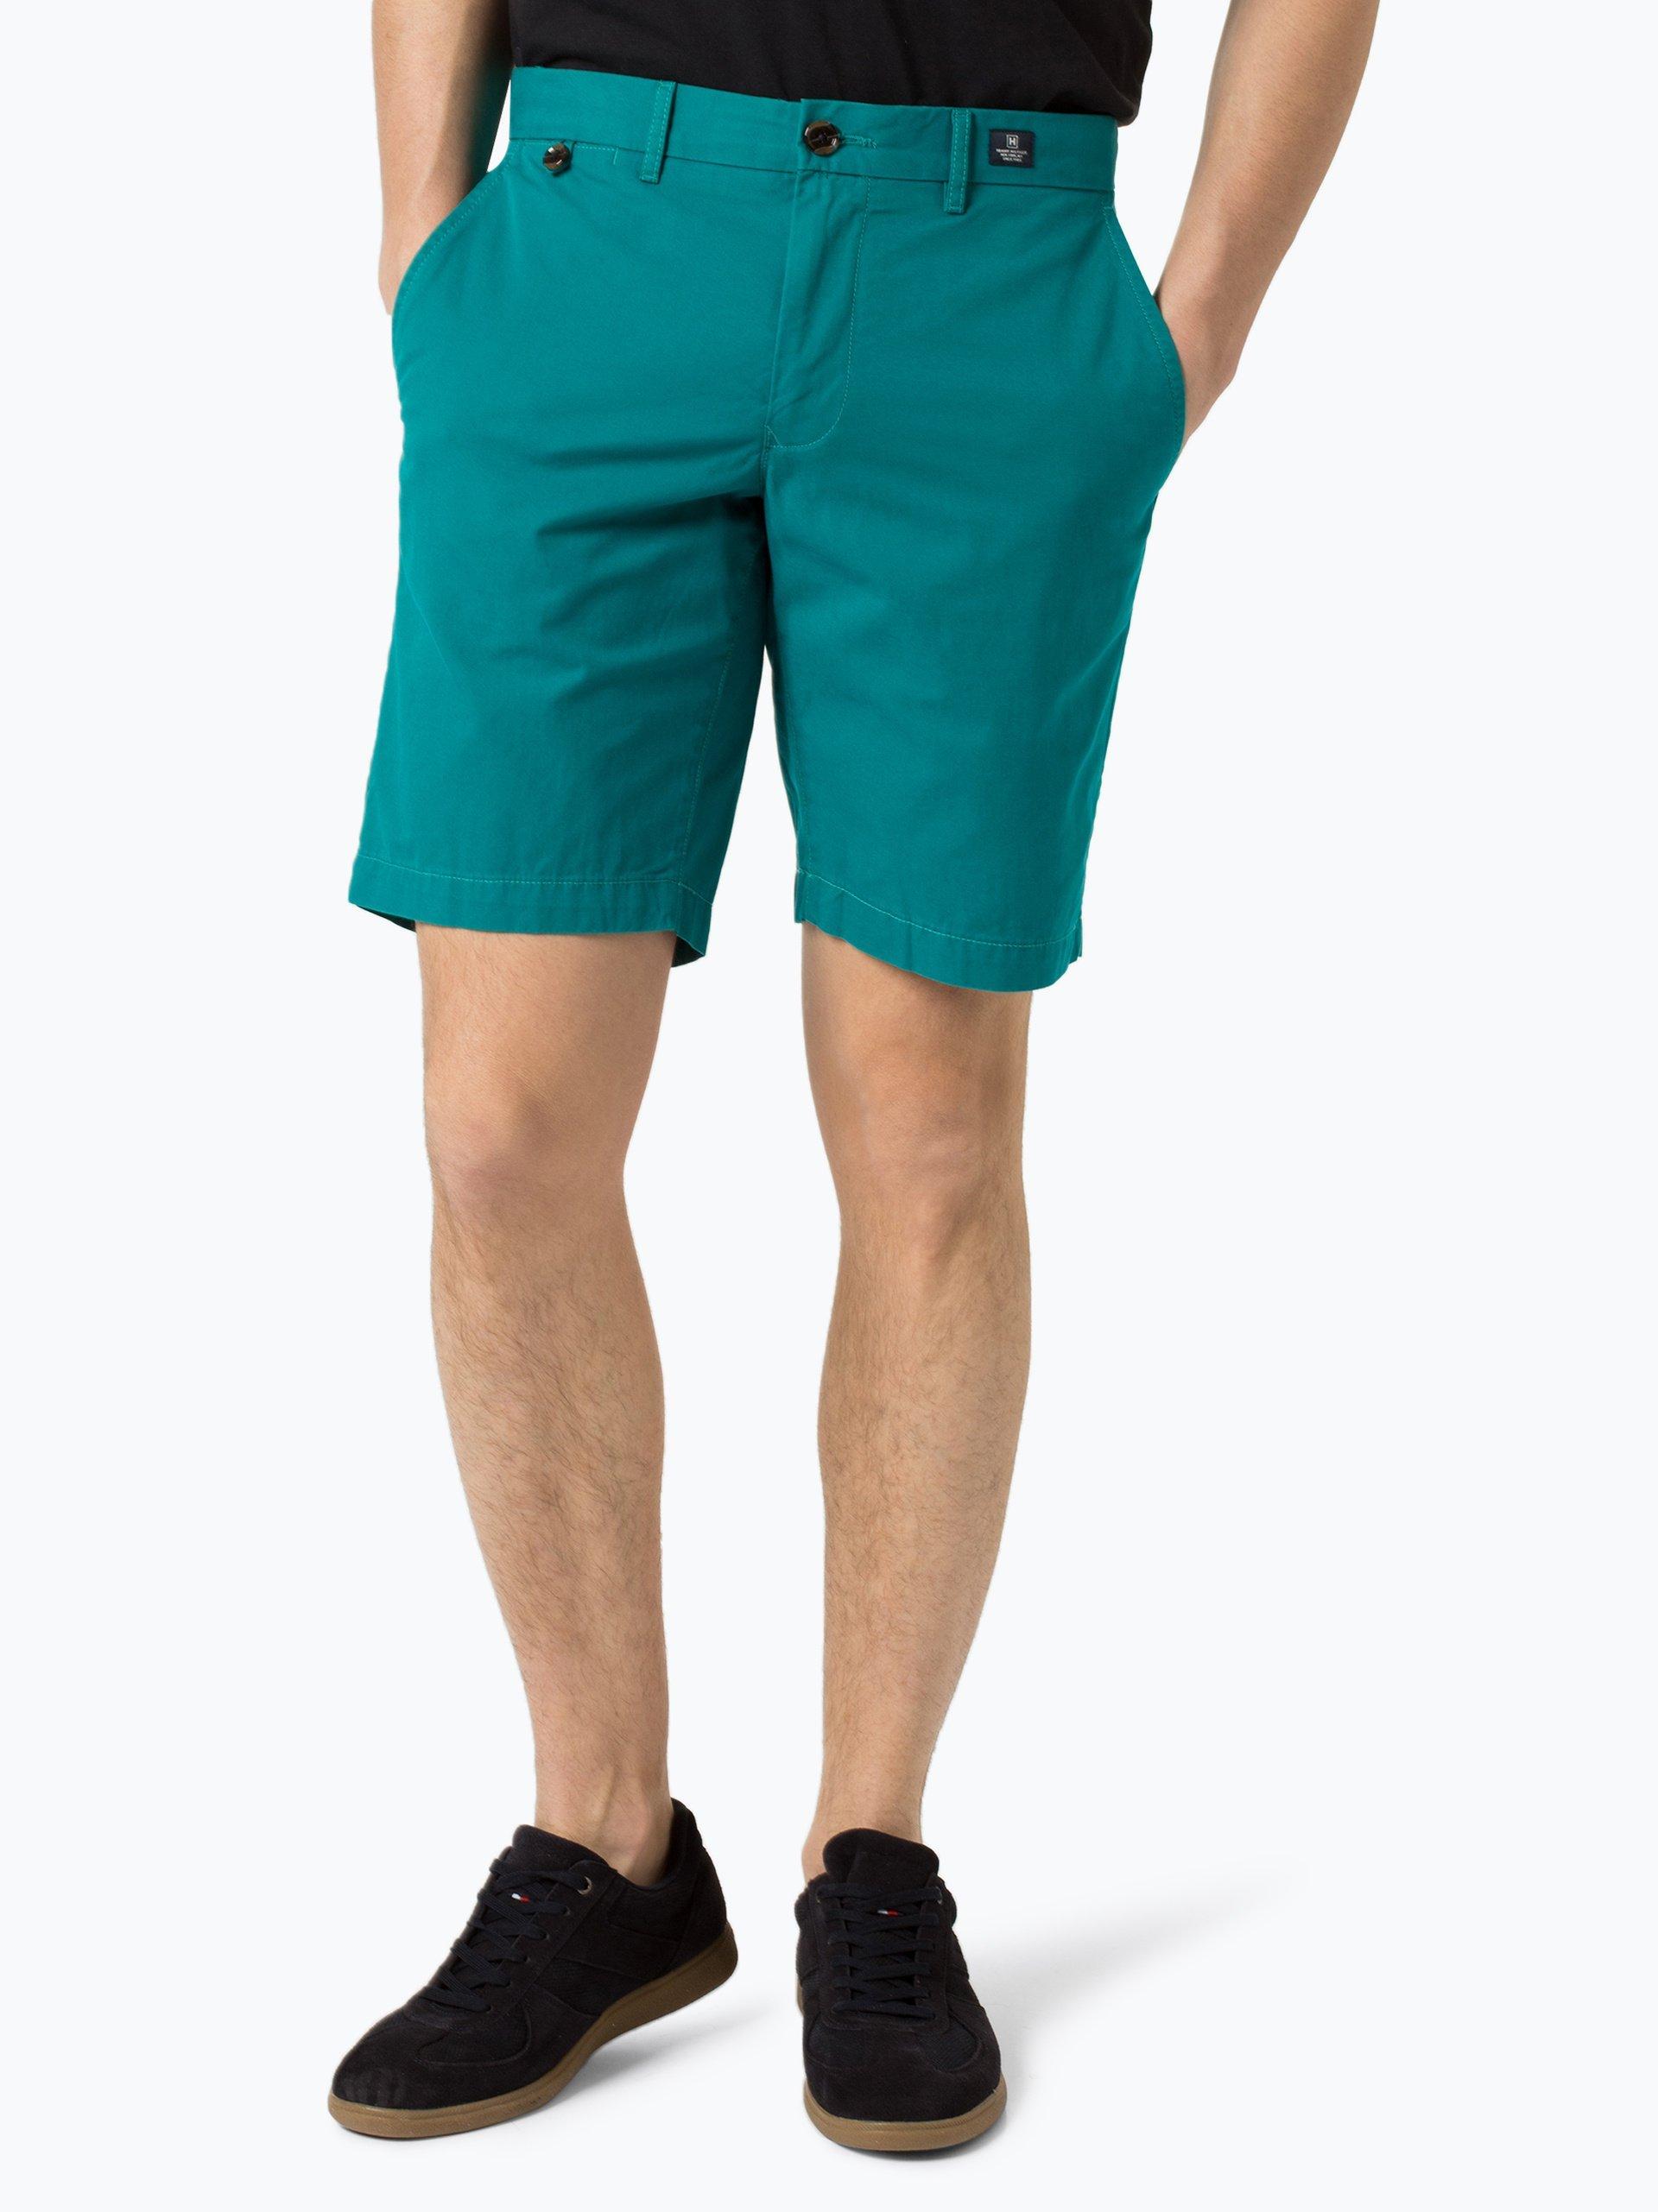 tommy hilfiger herren shorts blau smaragd uni online. Black Bedroom Furniture Sets. Home Design Ideas